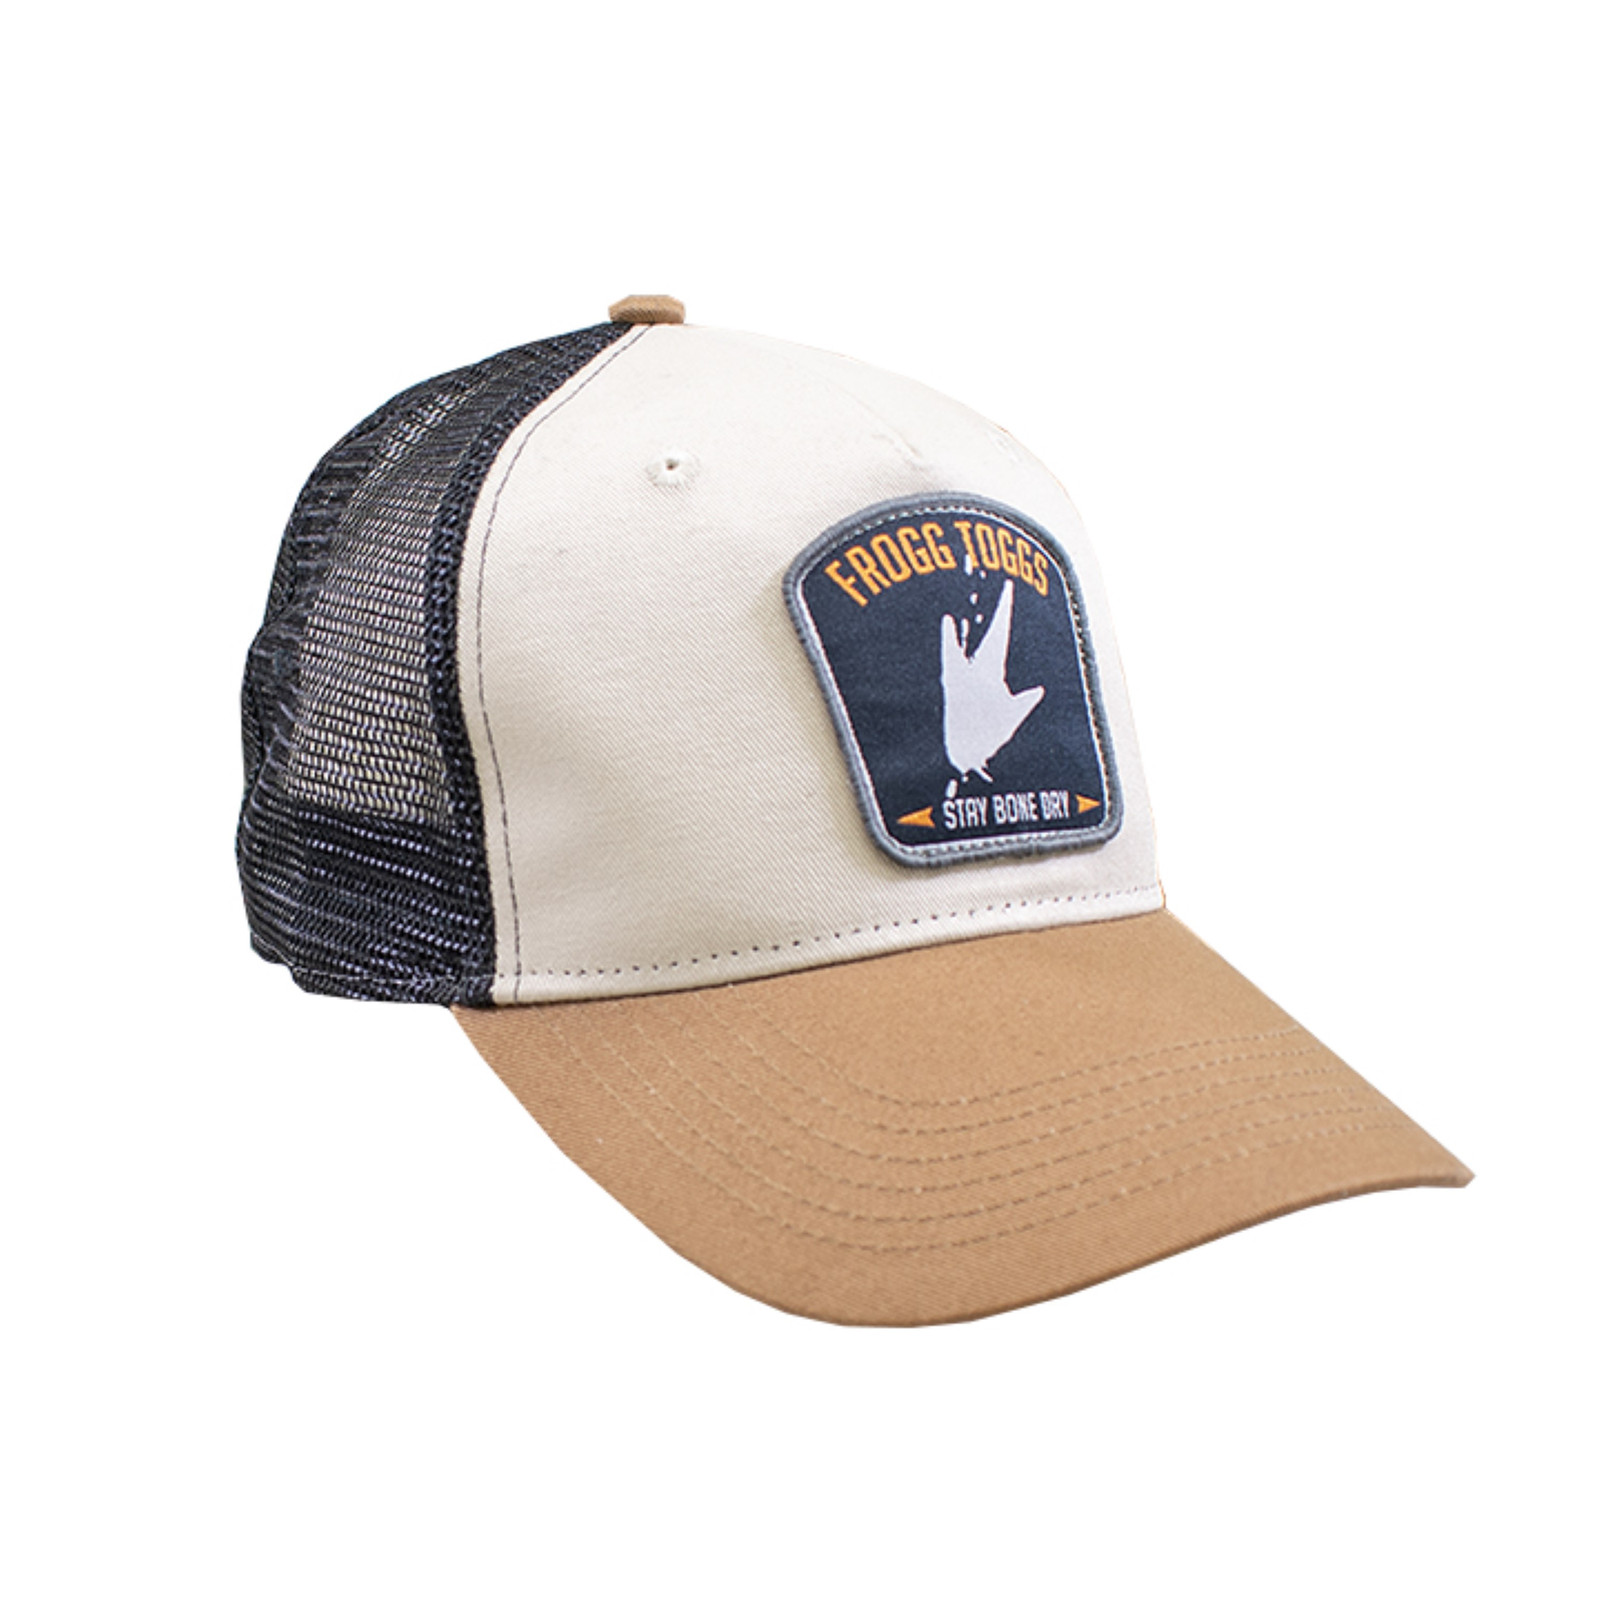 FT Since 1996 Cap